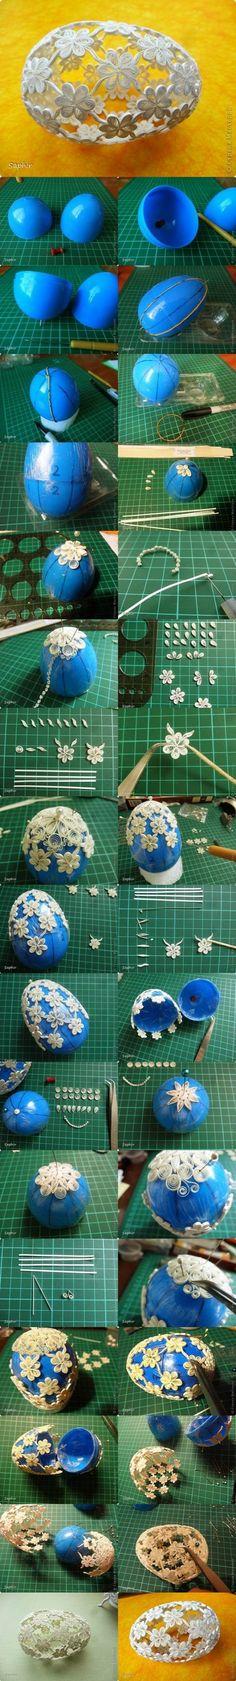 Most találtam rá erre a lélegzetelállító húsvéti tojásra. Quilling technikával készült  aprólékos  finom  türelmet ig...